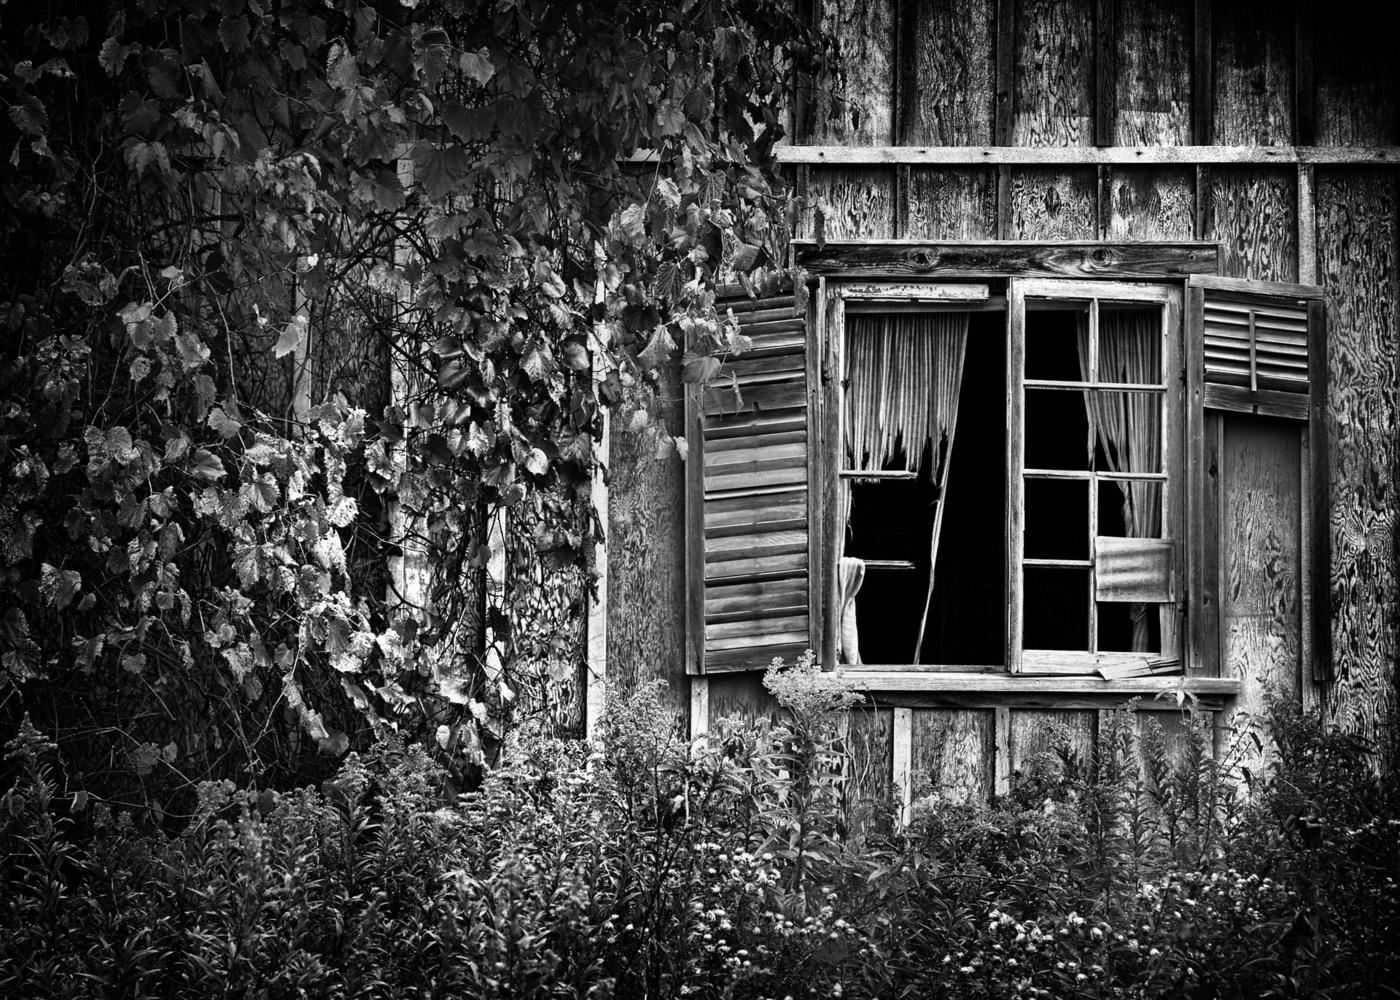 Abandoned by Hank Rintjema